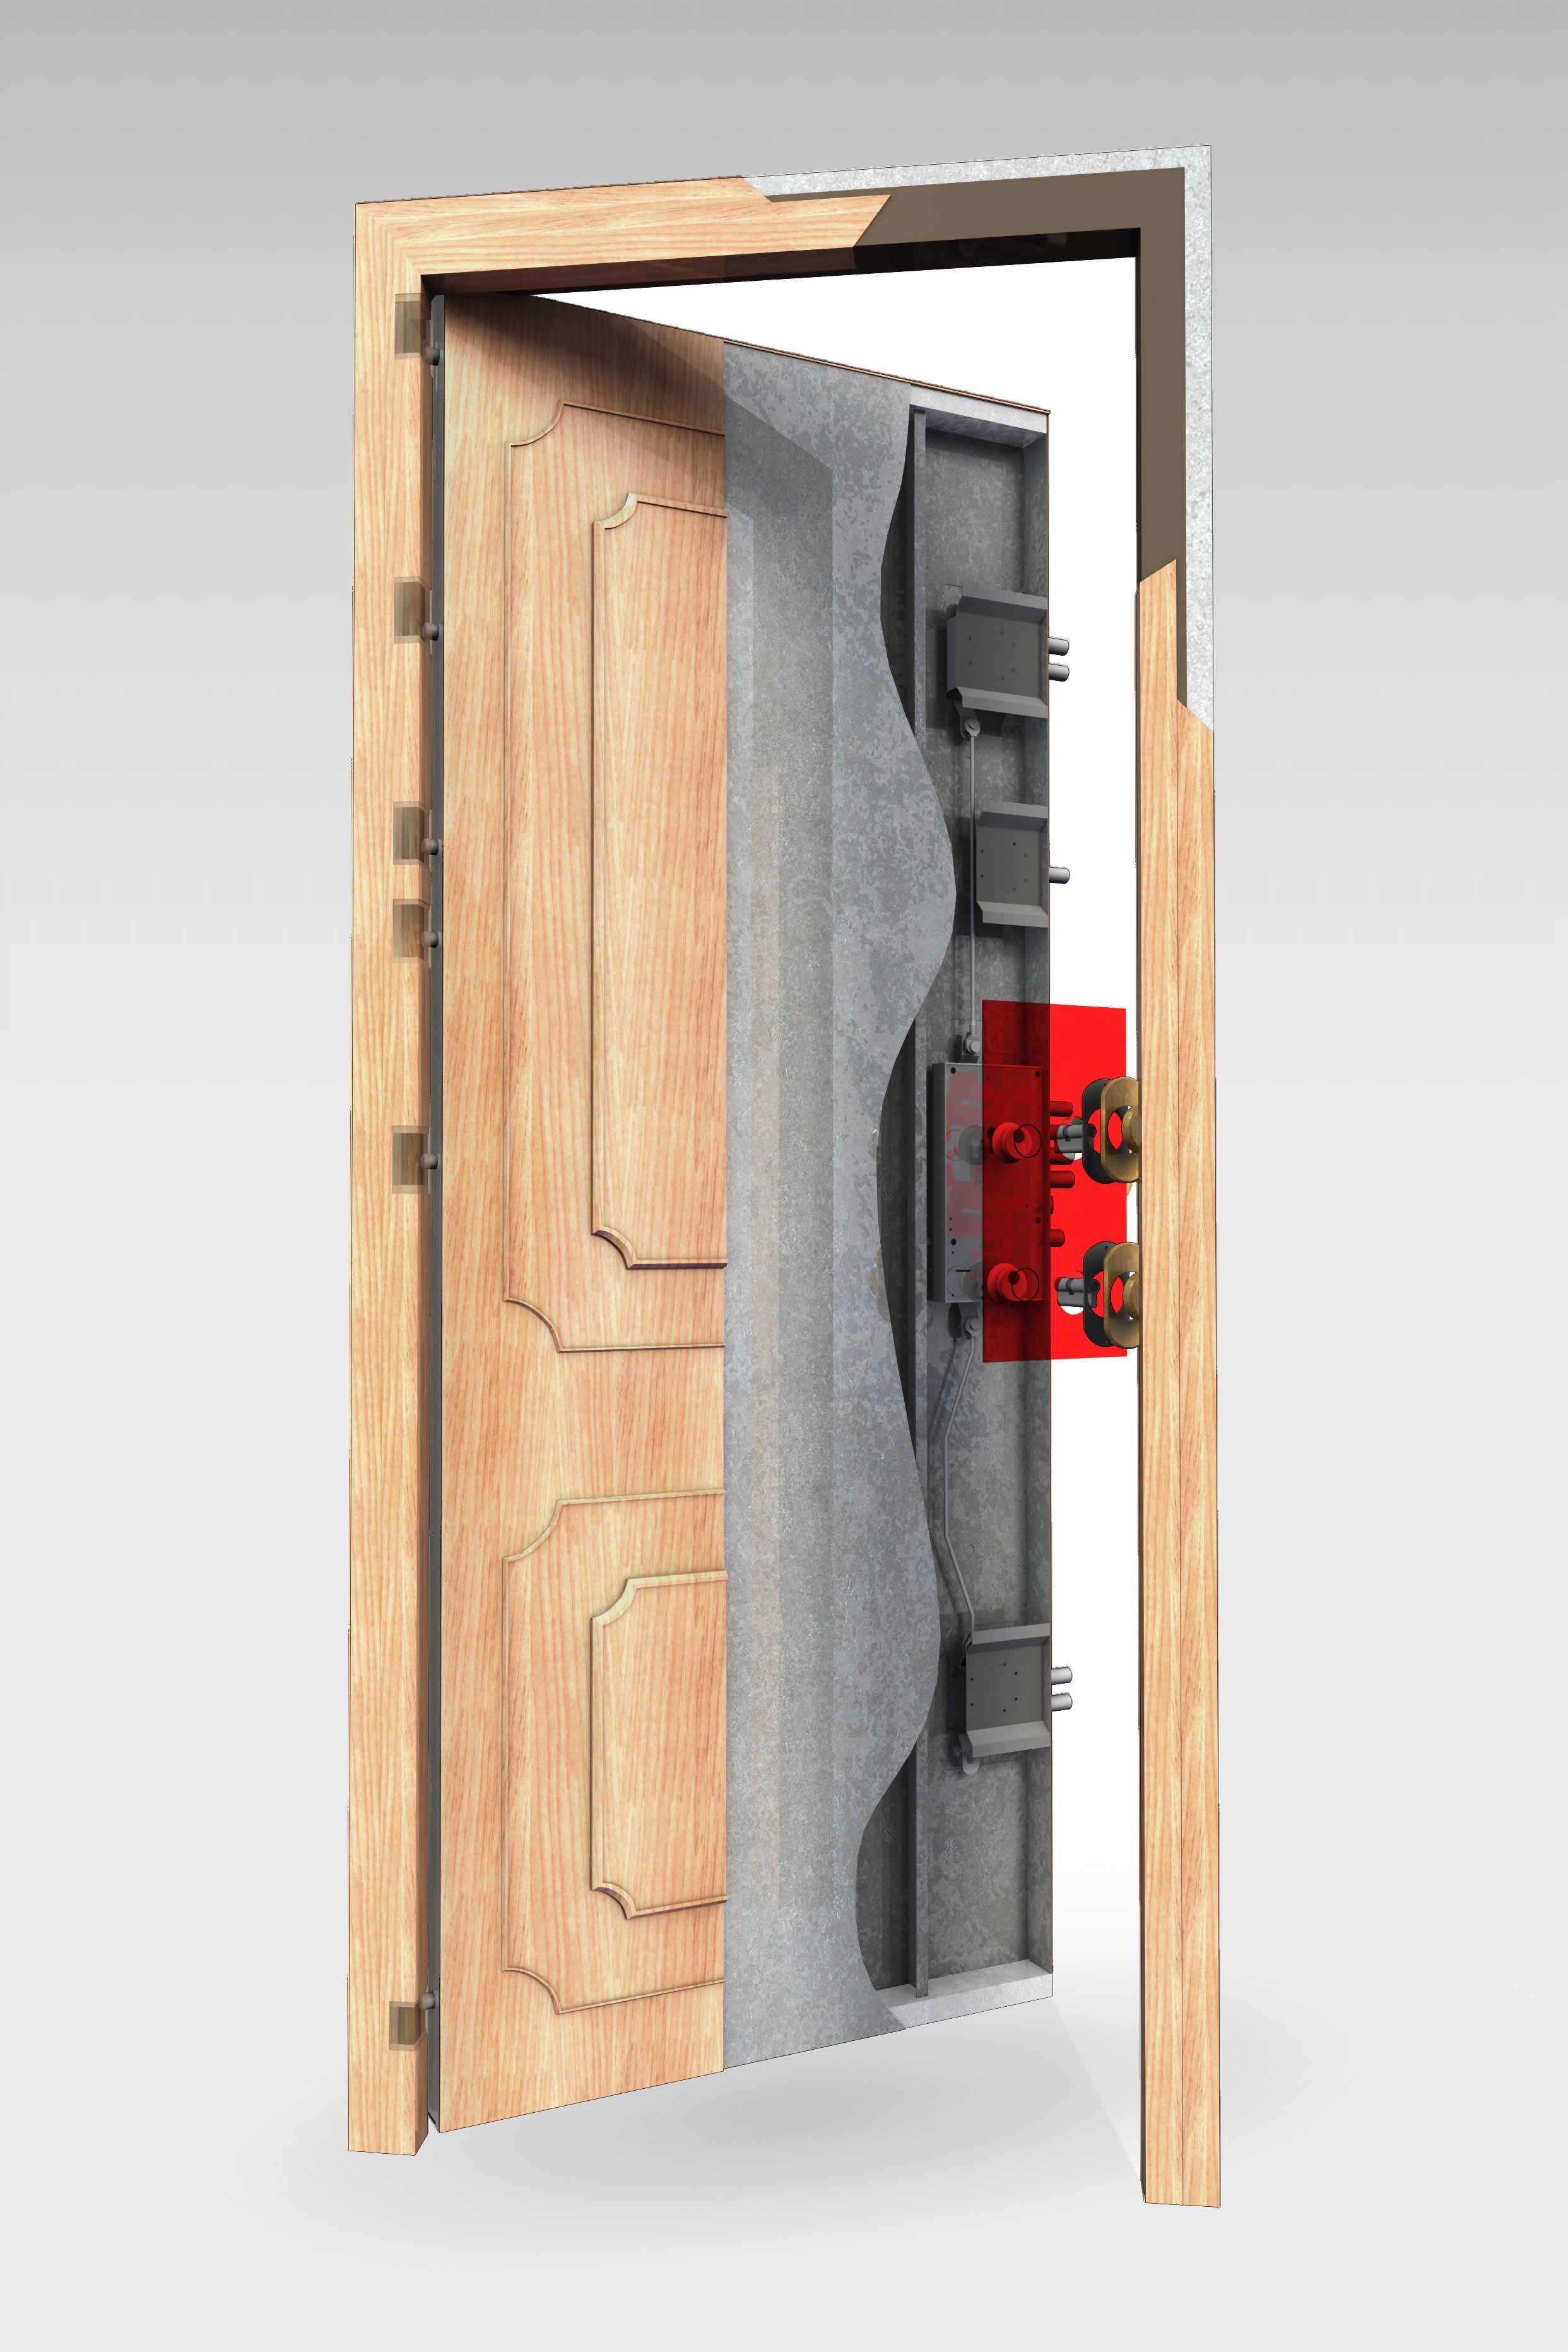 Puerta acorazada 350 roconsa - Puertas norma catalogo ...